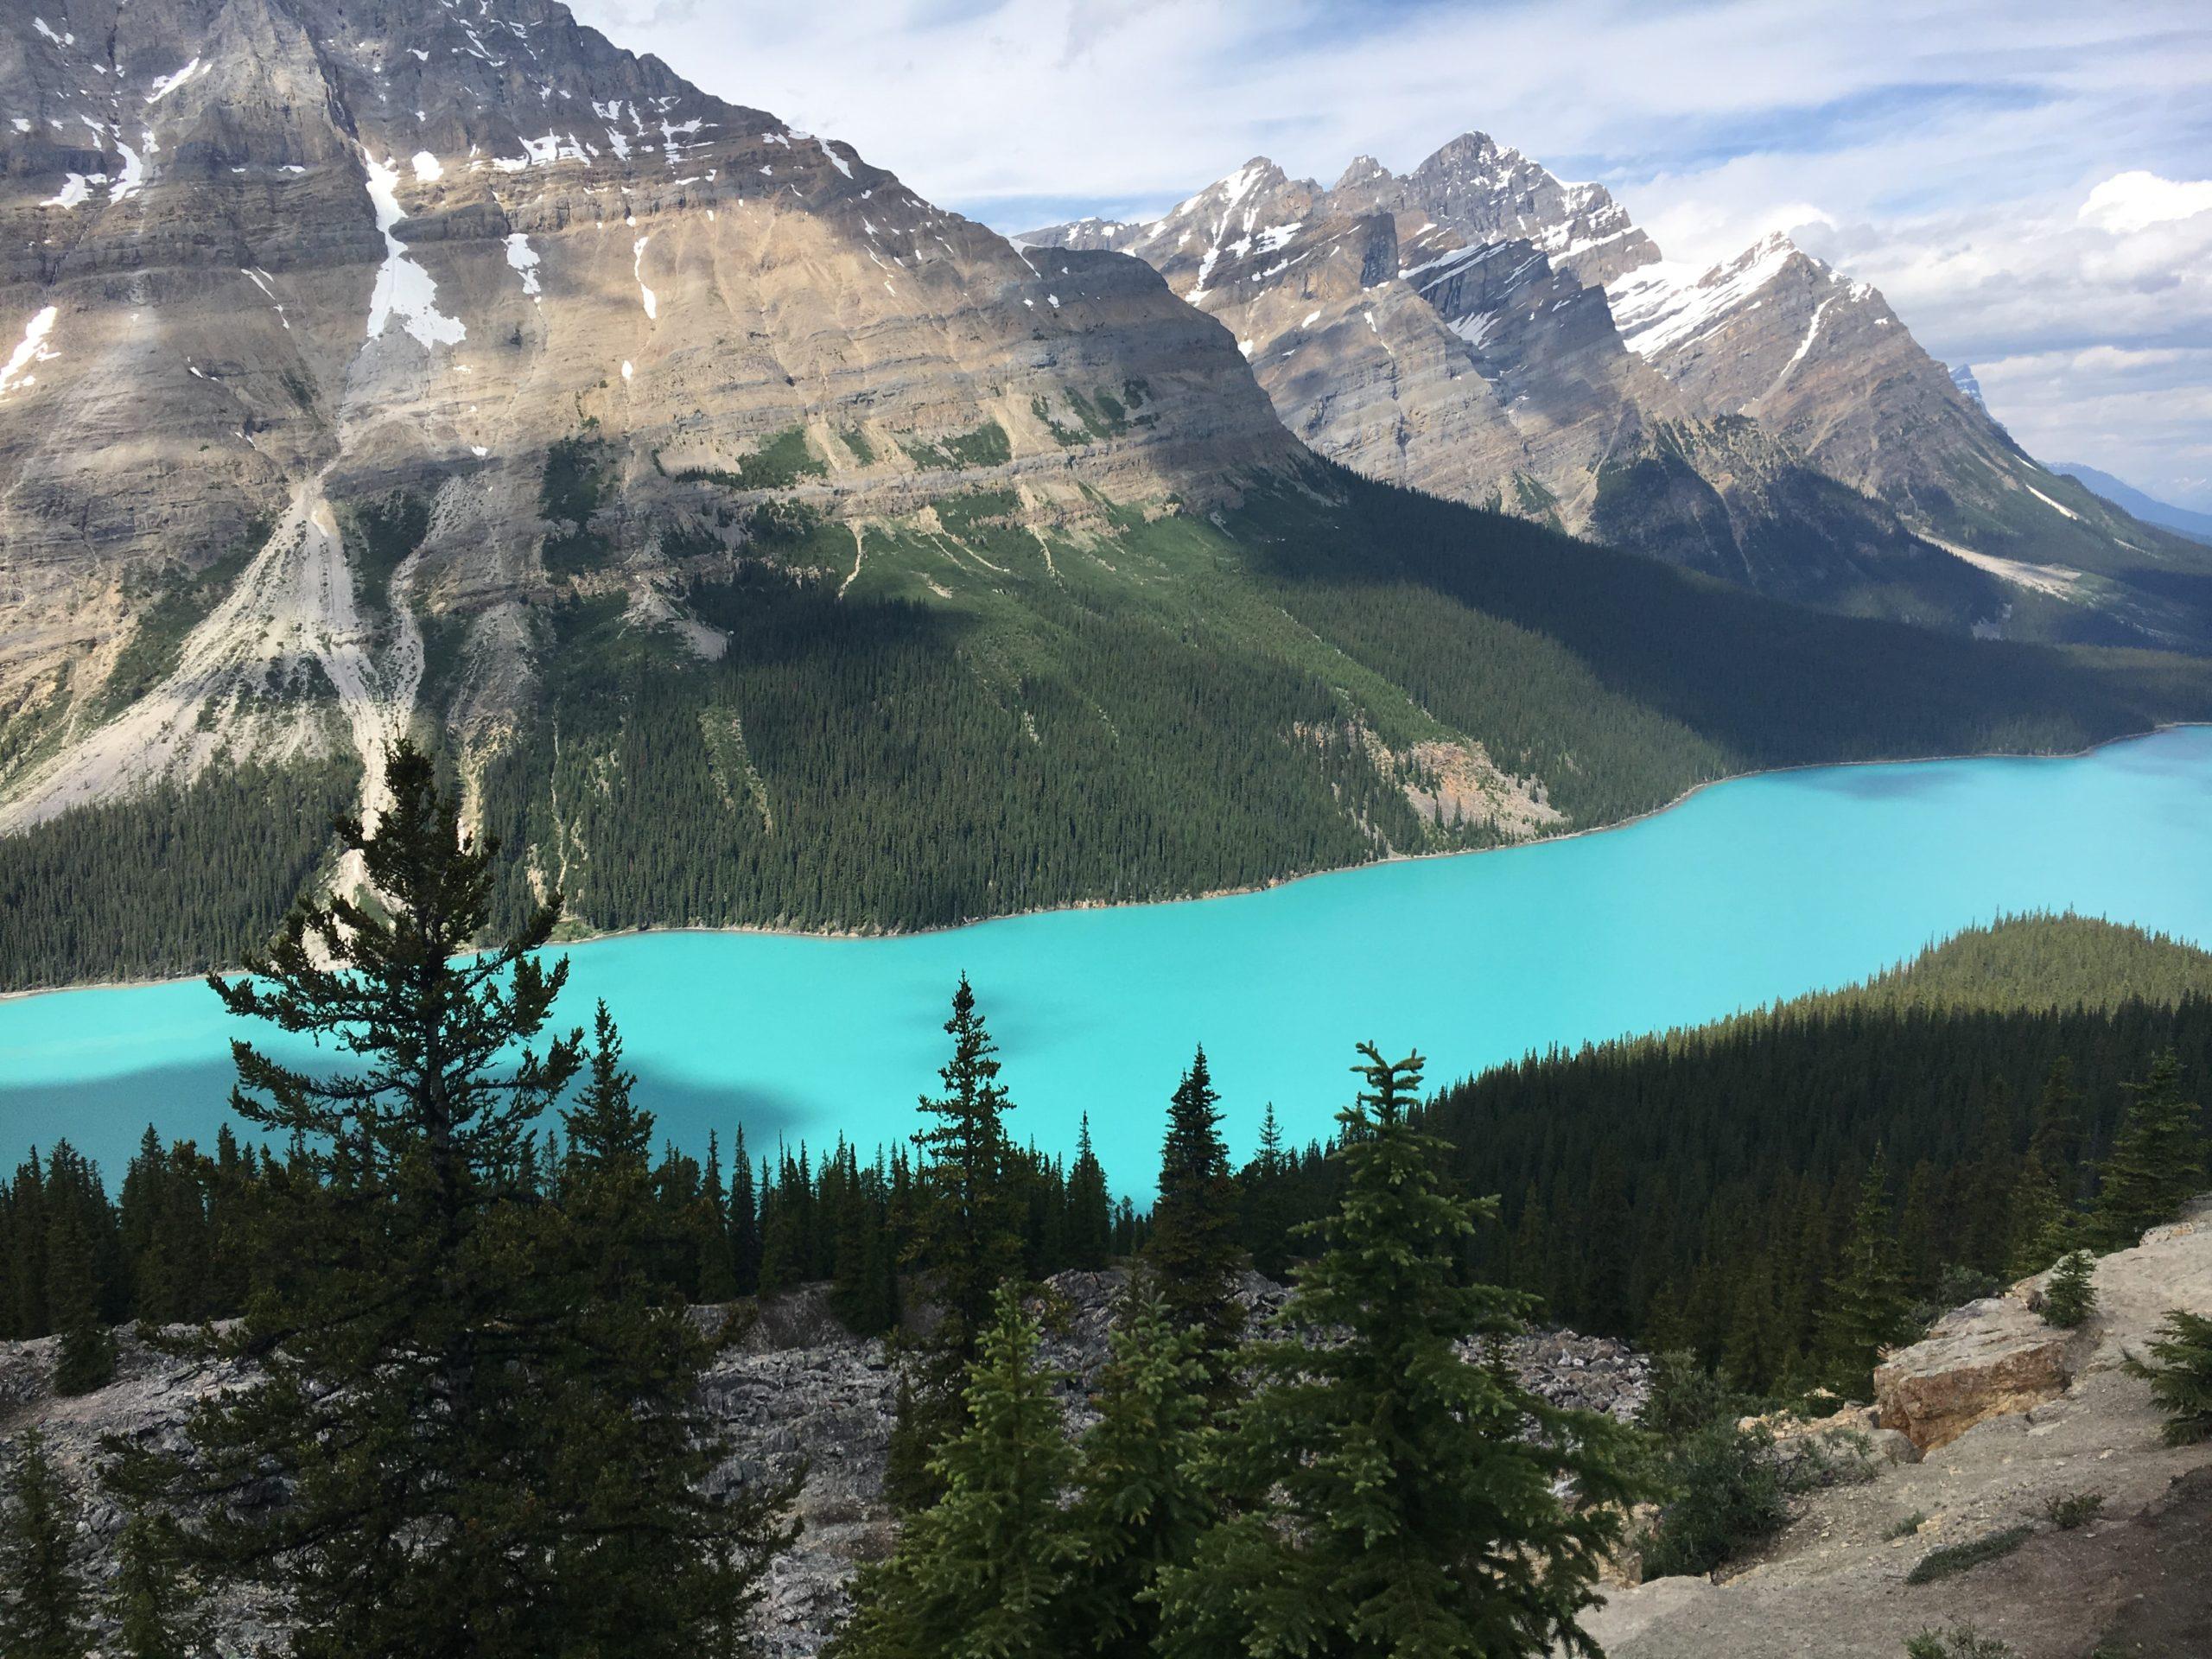 Petyo Lake in Banff National Park